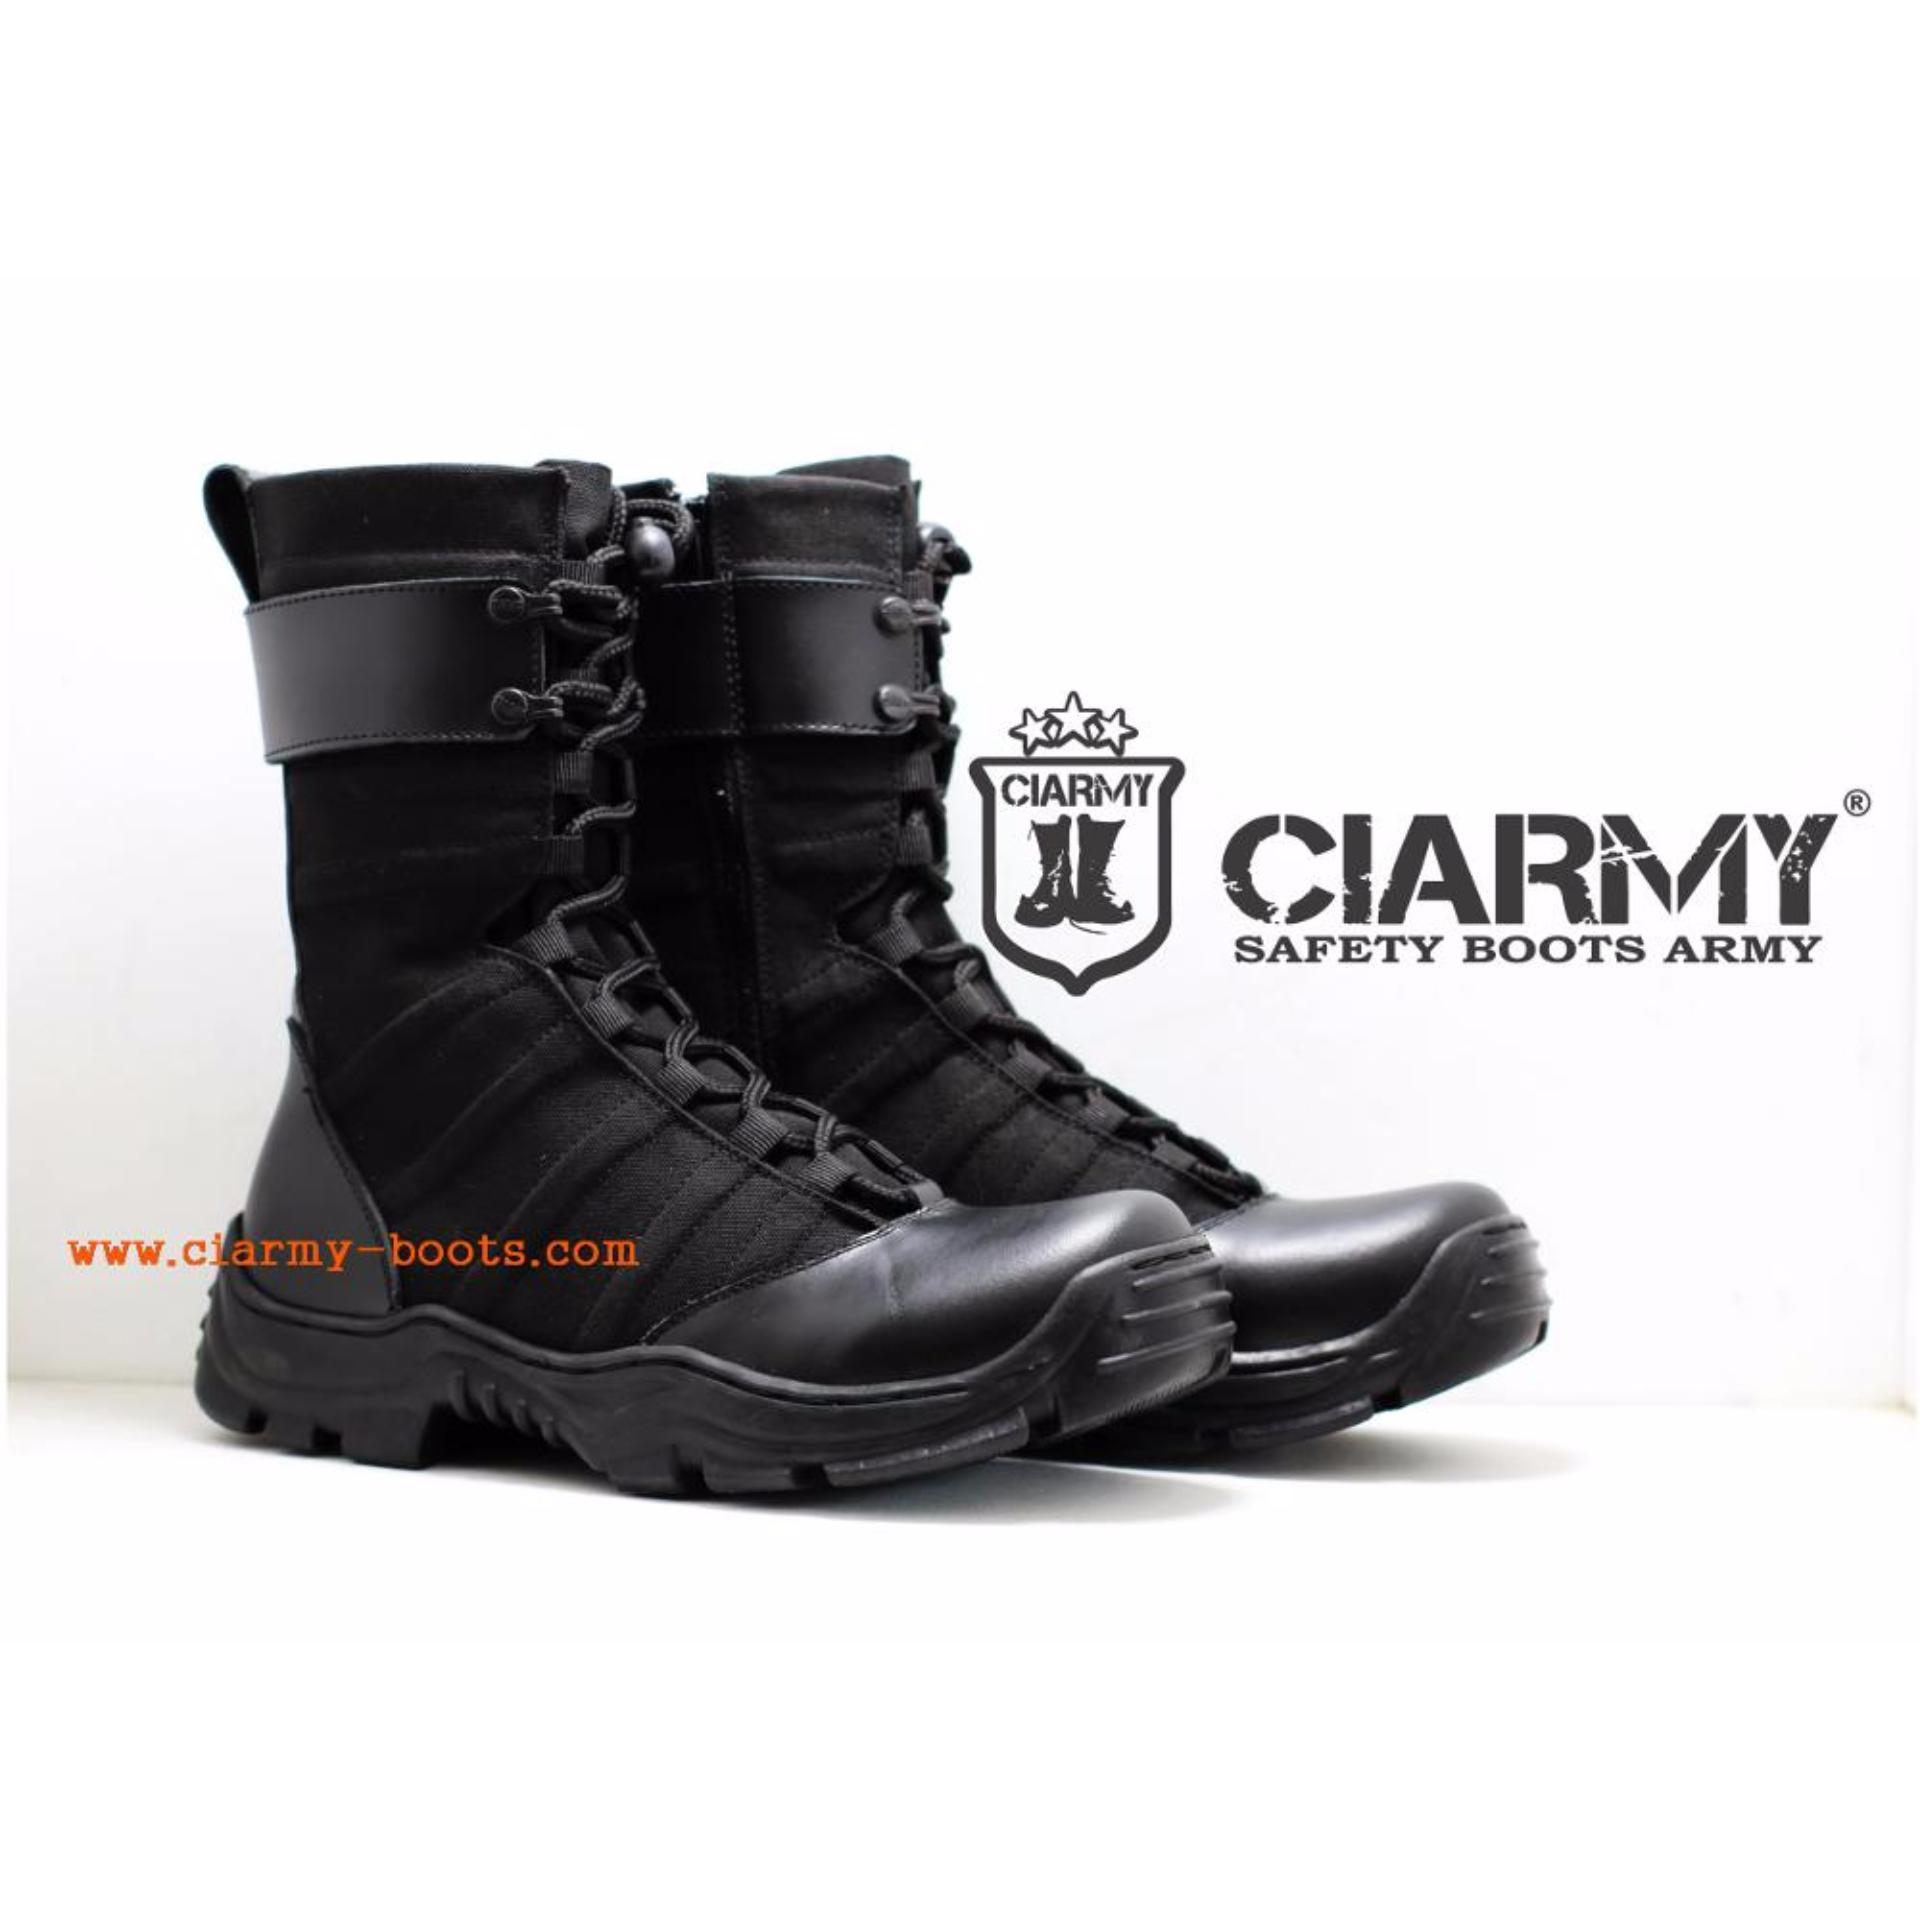 Bsm Soga Sepatu Formal Pantofel Boots Kulit Asli Pdh Pdl Kerjakantor 275 Kerja Pria Elegan Hitam Jual Black 495 Source Ninja Hatori Ciarmy C 071